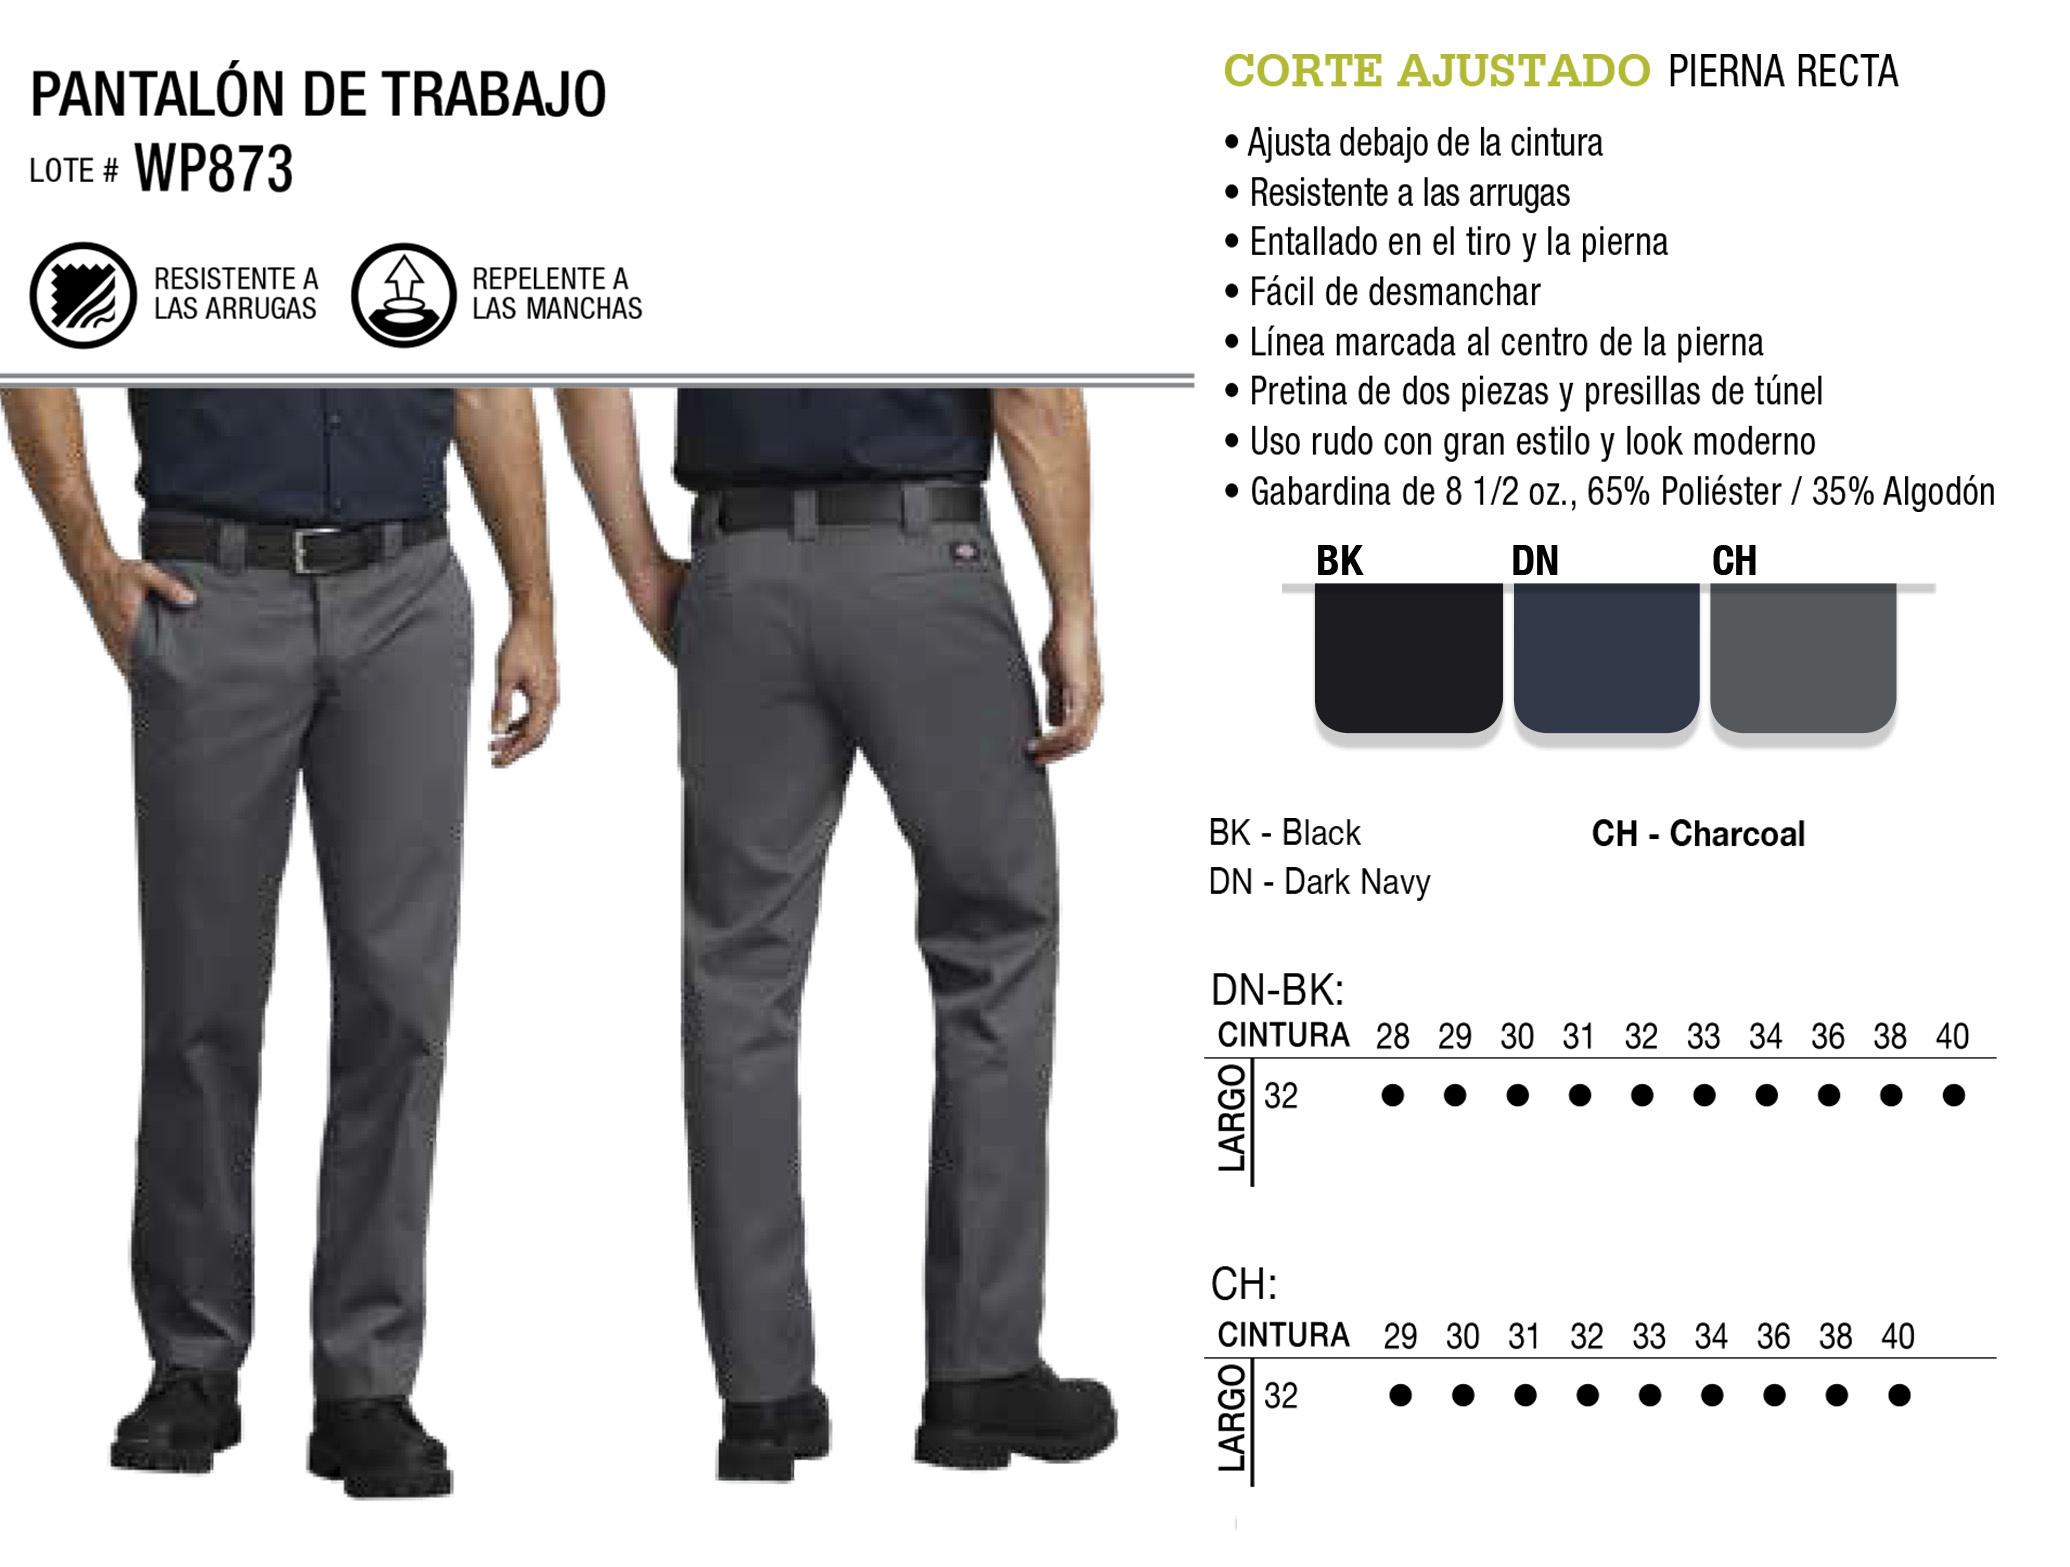 Pantalón de Trabajo. Corte Ajustado. WP873.